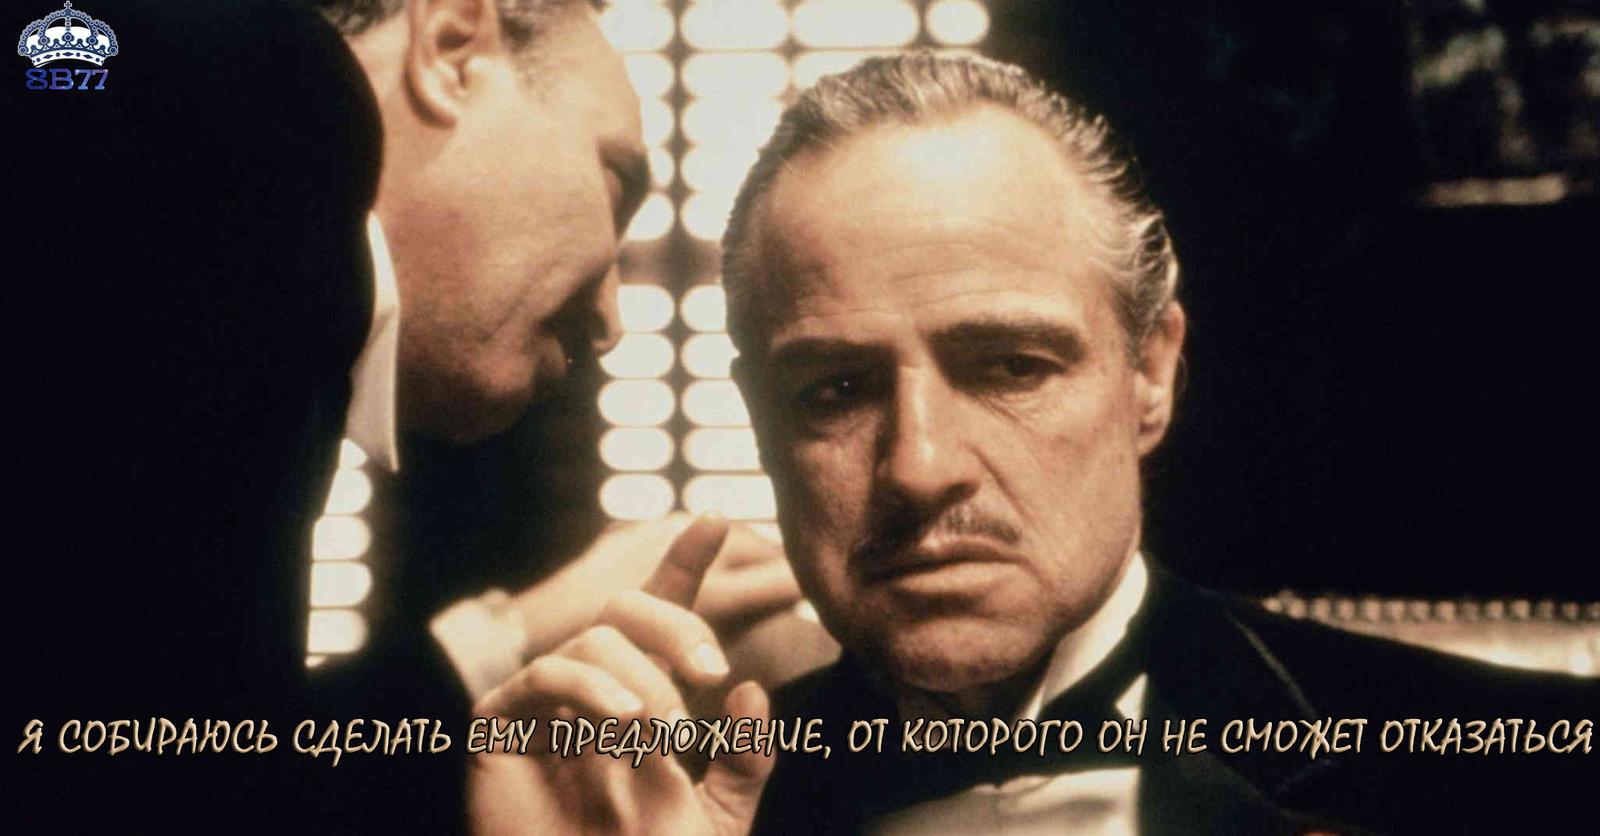 Картинки по запросу цитаты из фильма леон